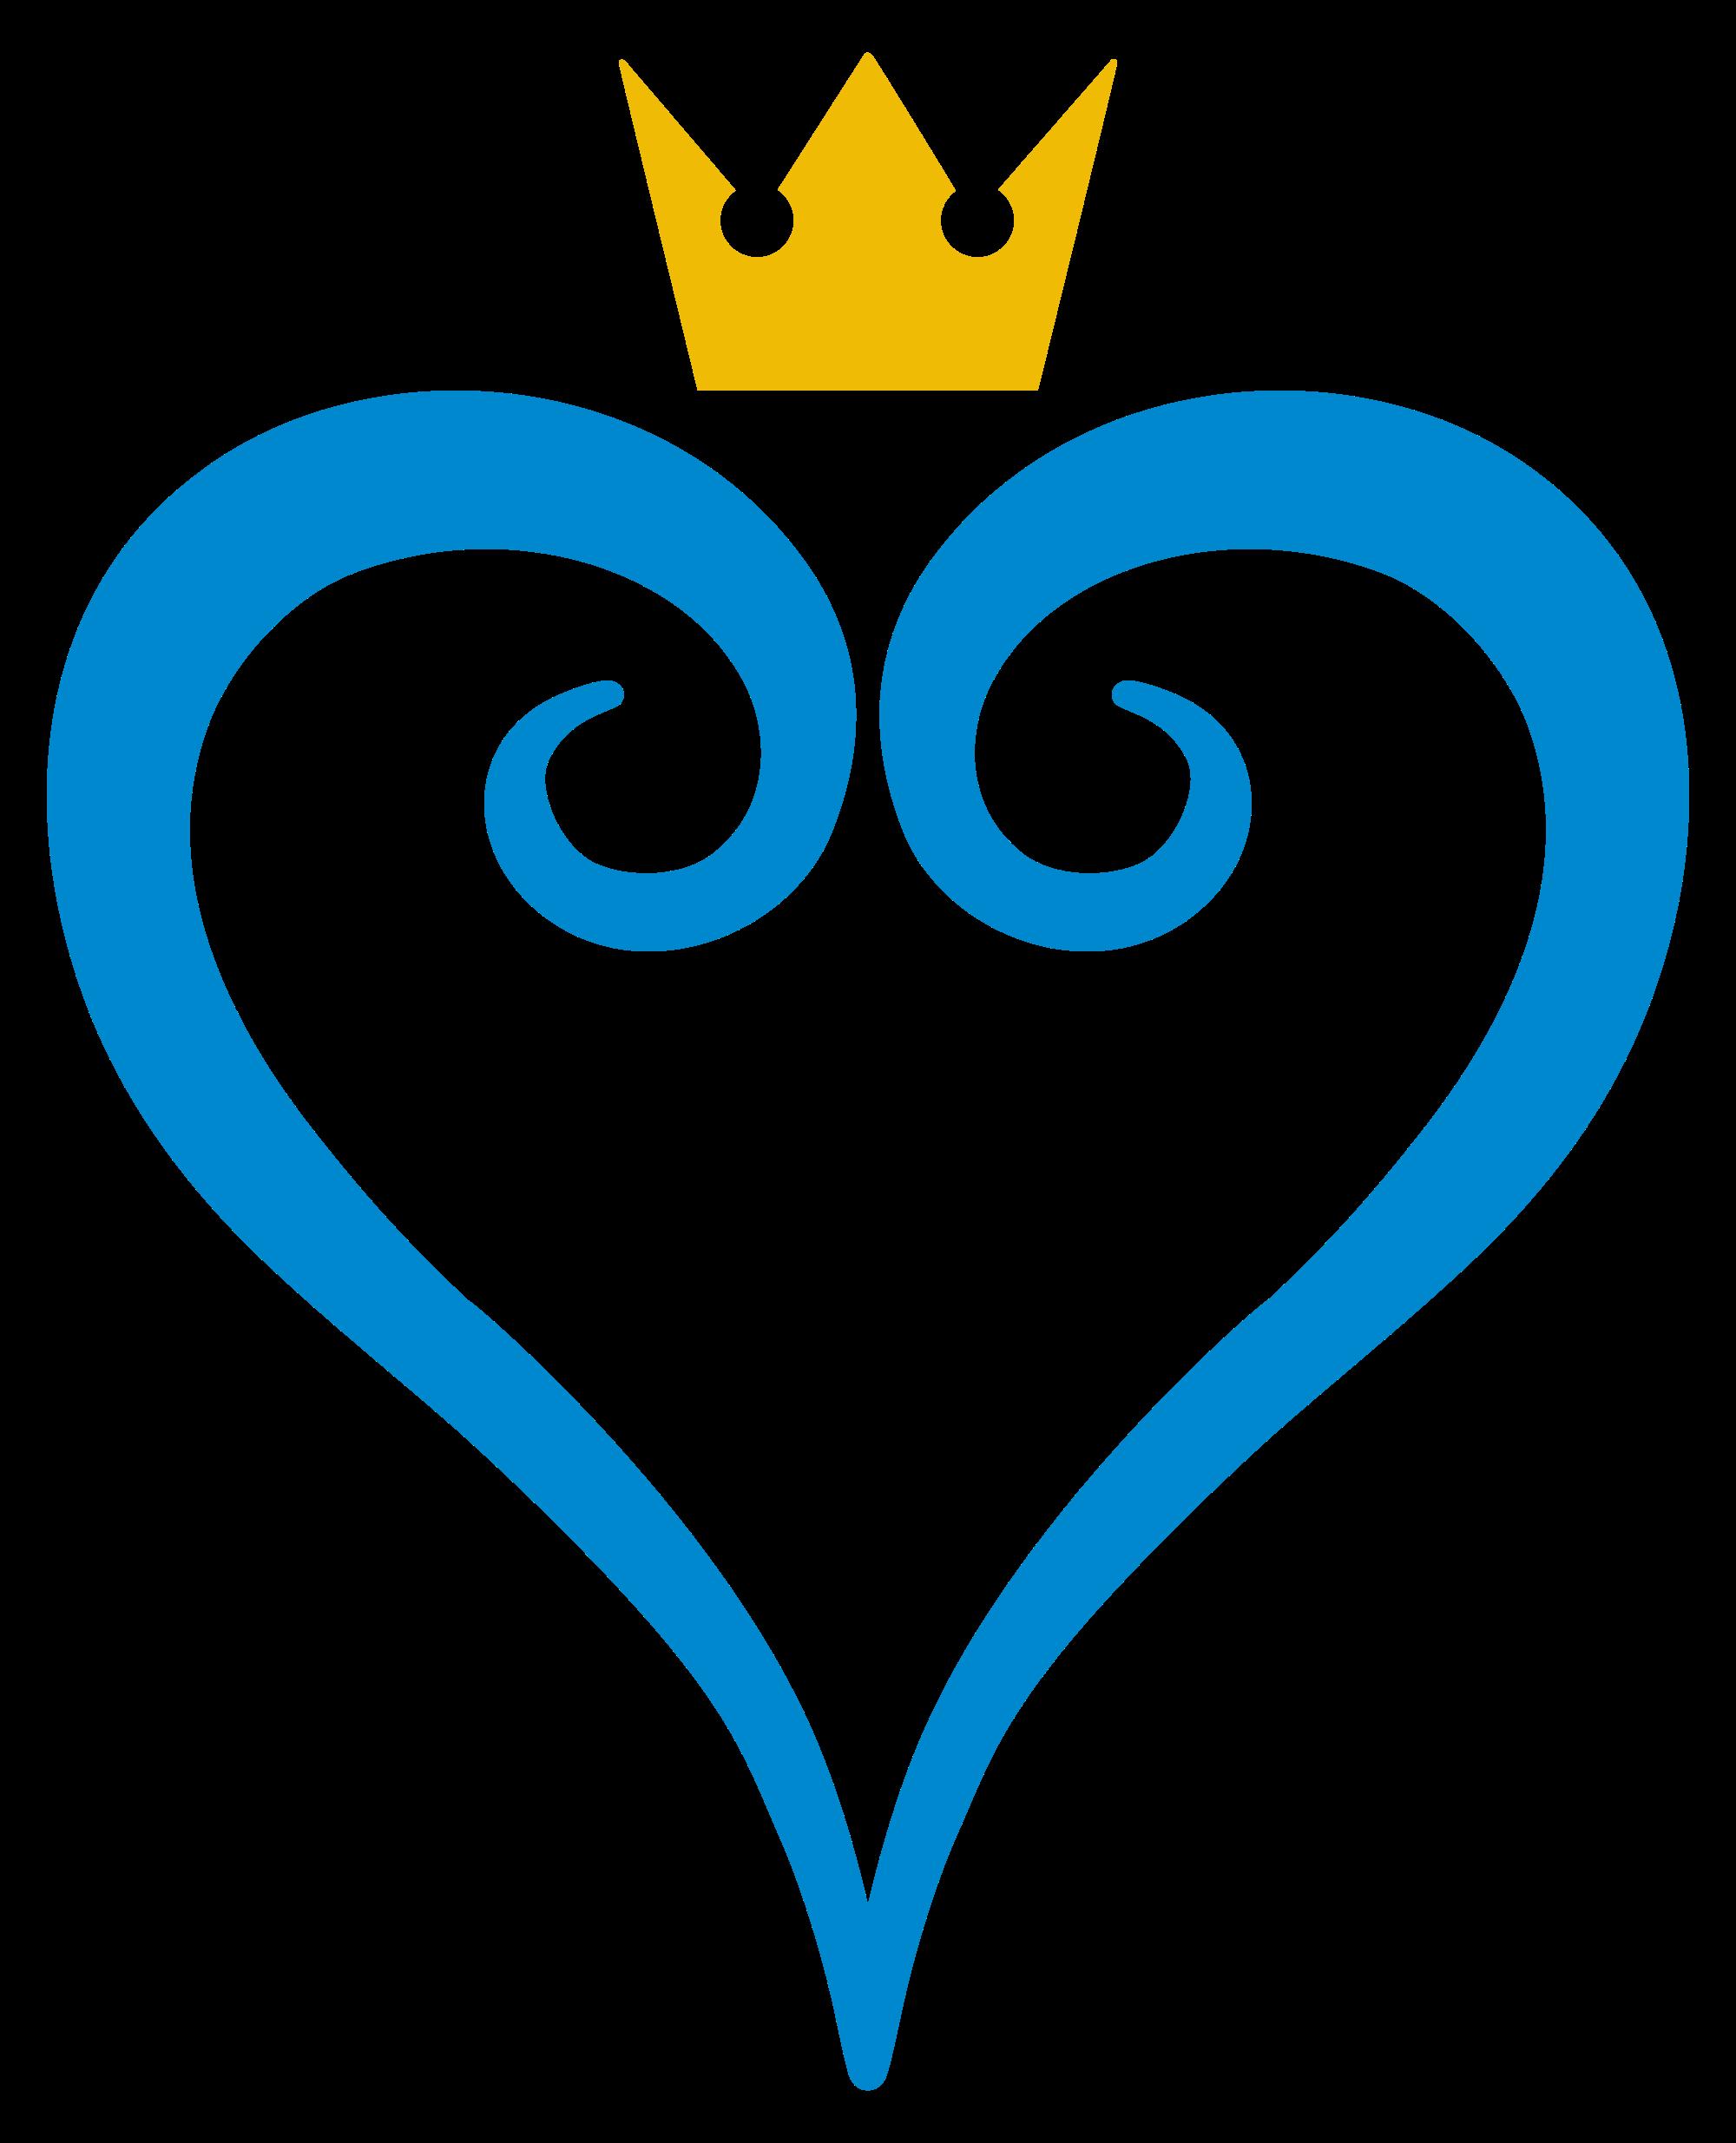 Open ClipartLook.com  - Kingdom Hearts Clipart